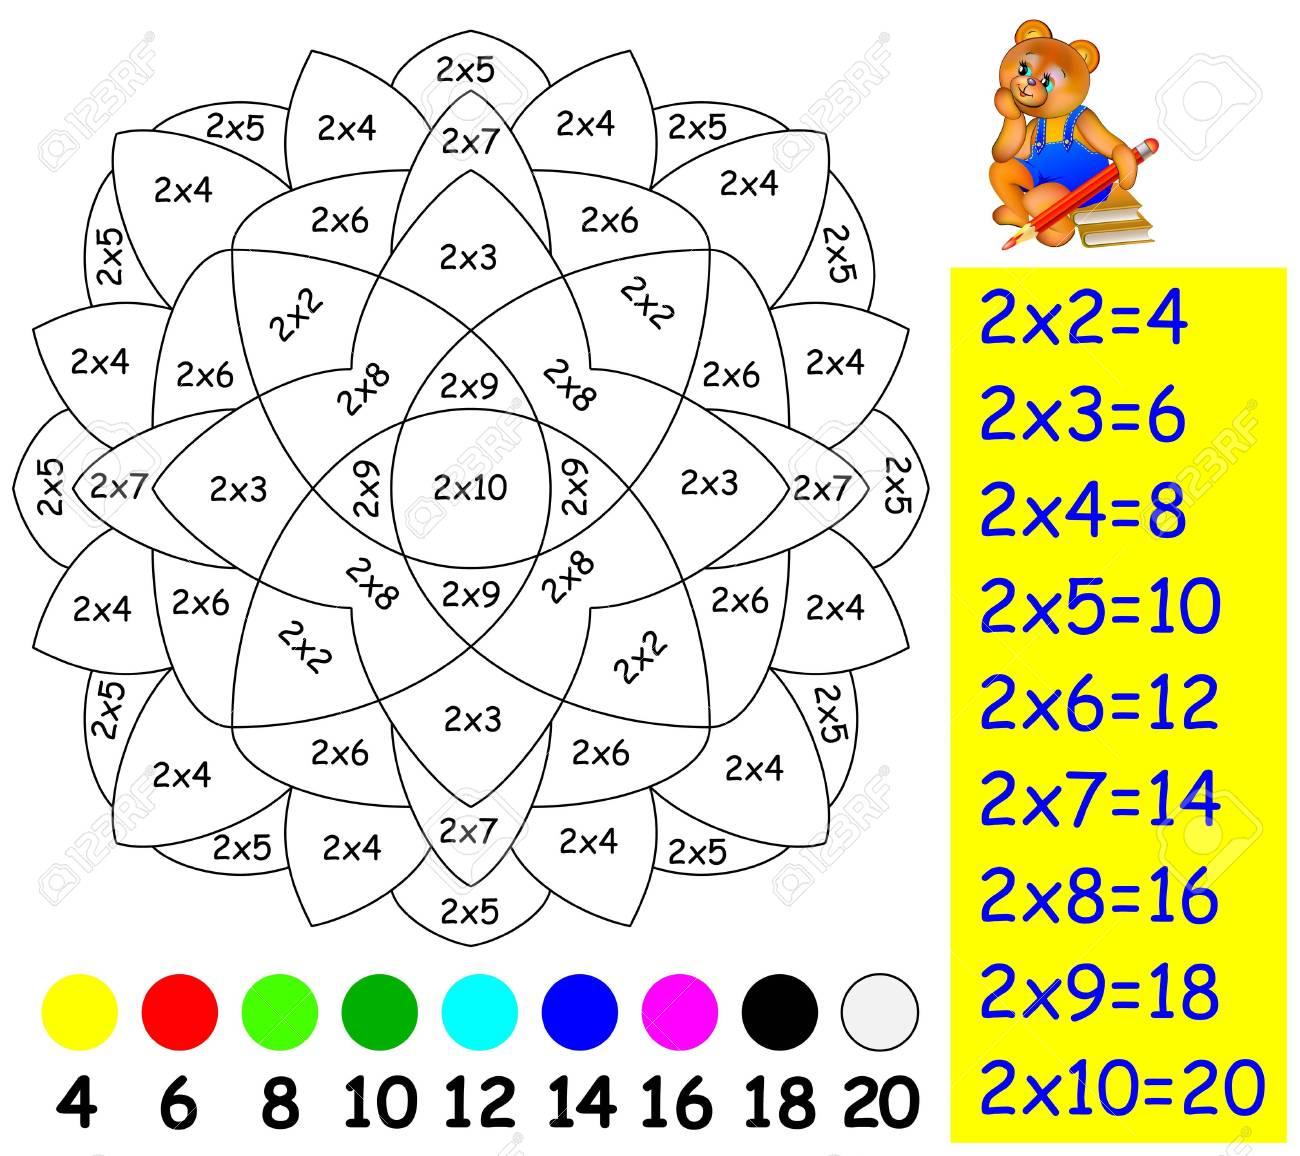 Ejercicio Para Niños Con Multiplicación Por Dos Necesita Pintar La Imagen En Un Color Relevante Desarrollar Habilidades Para Contar Y Multiplicar